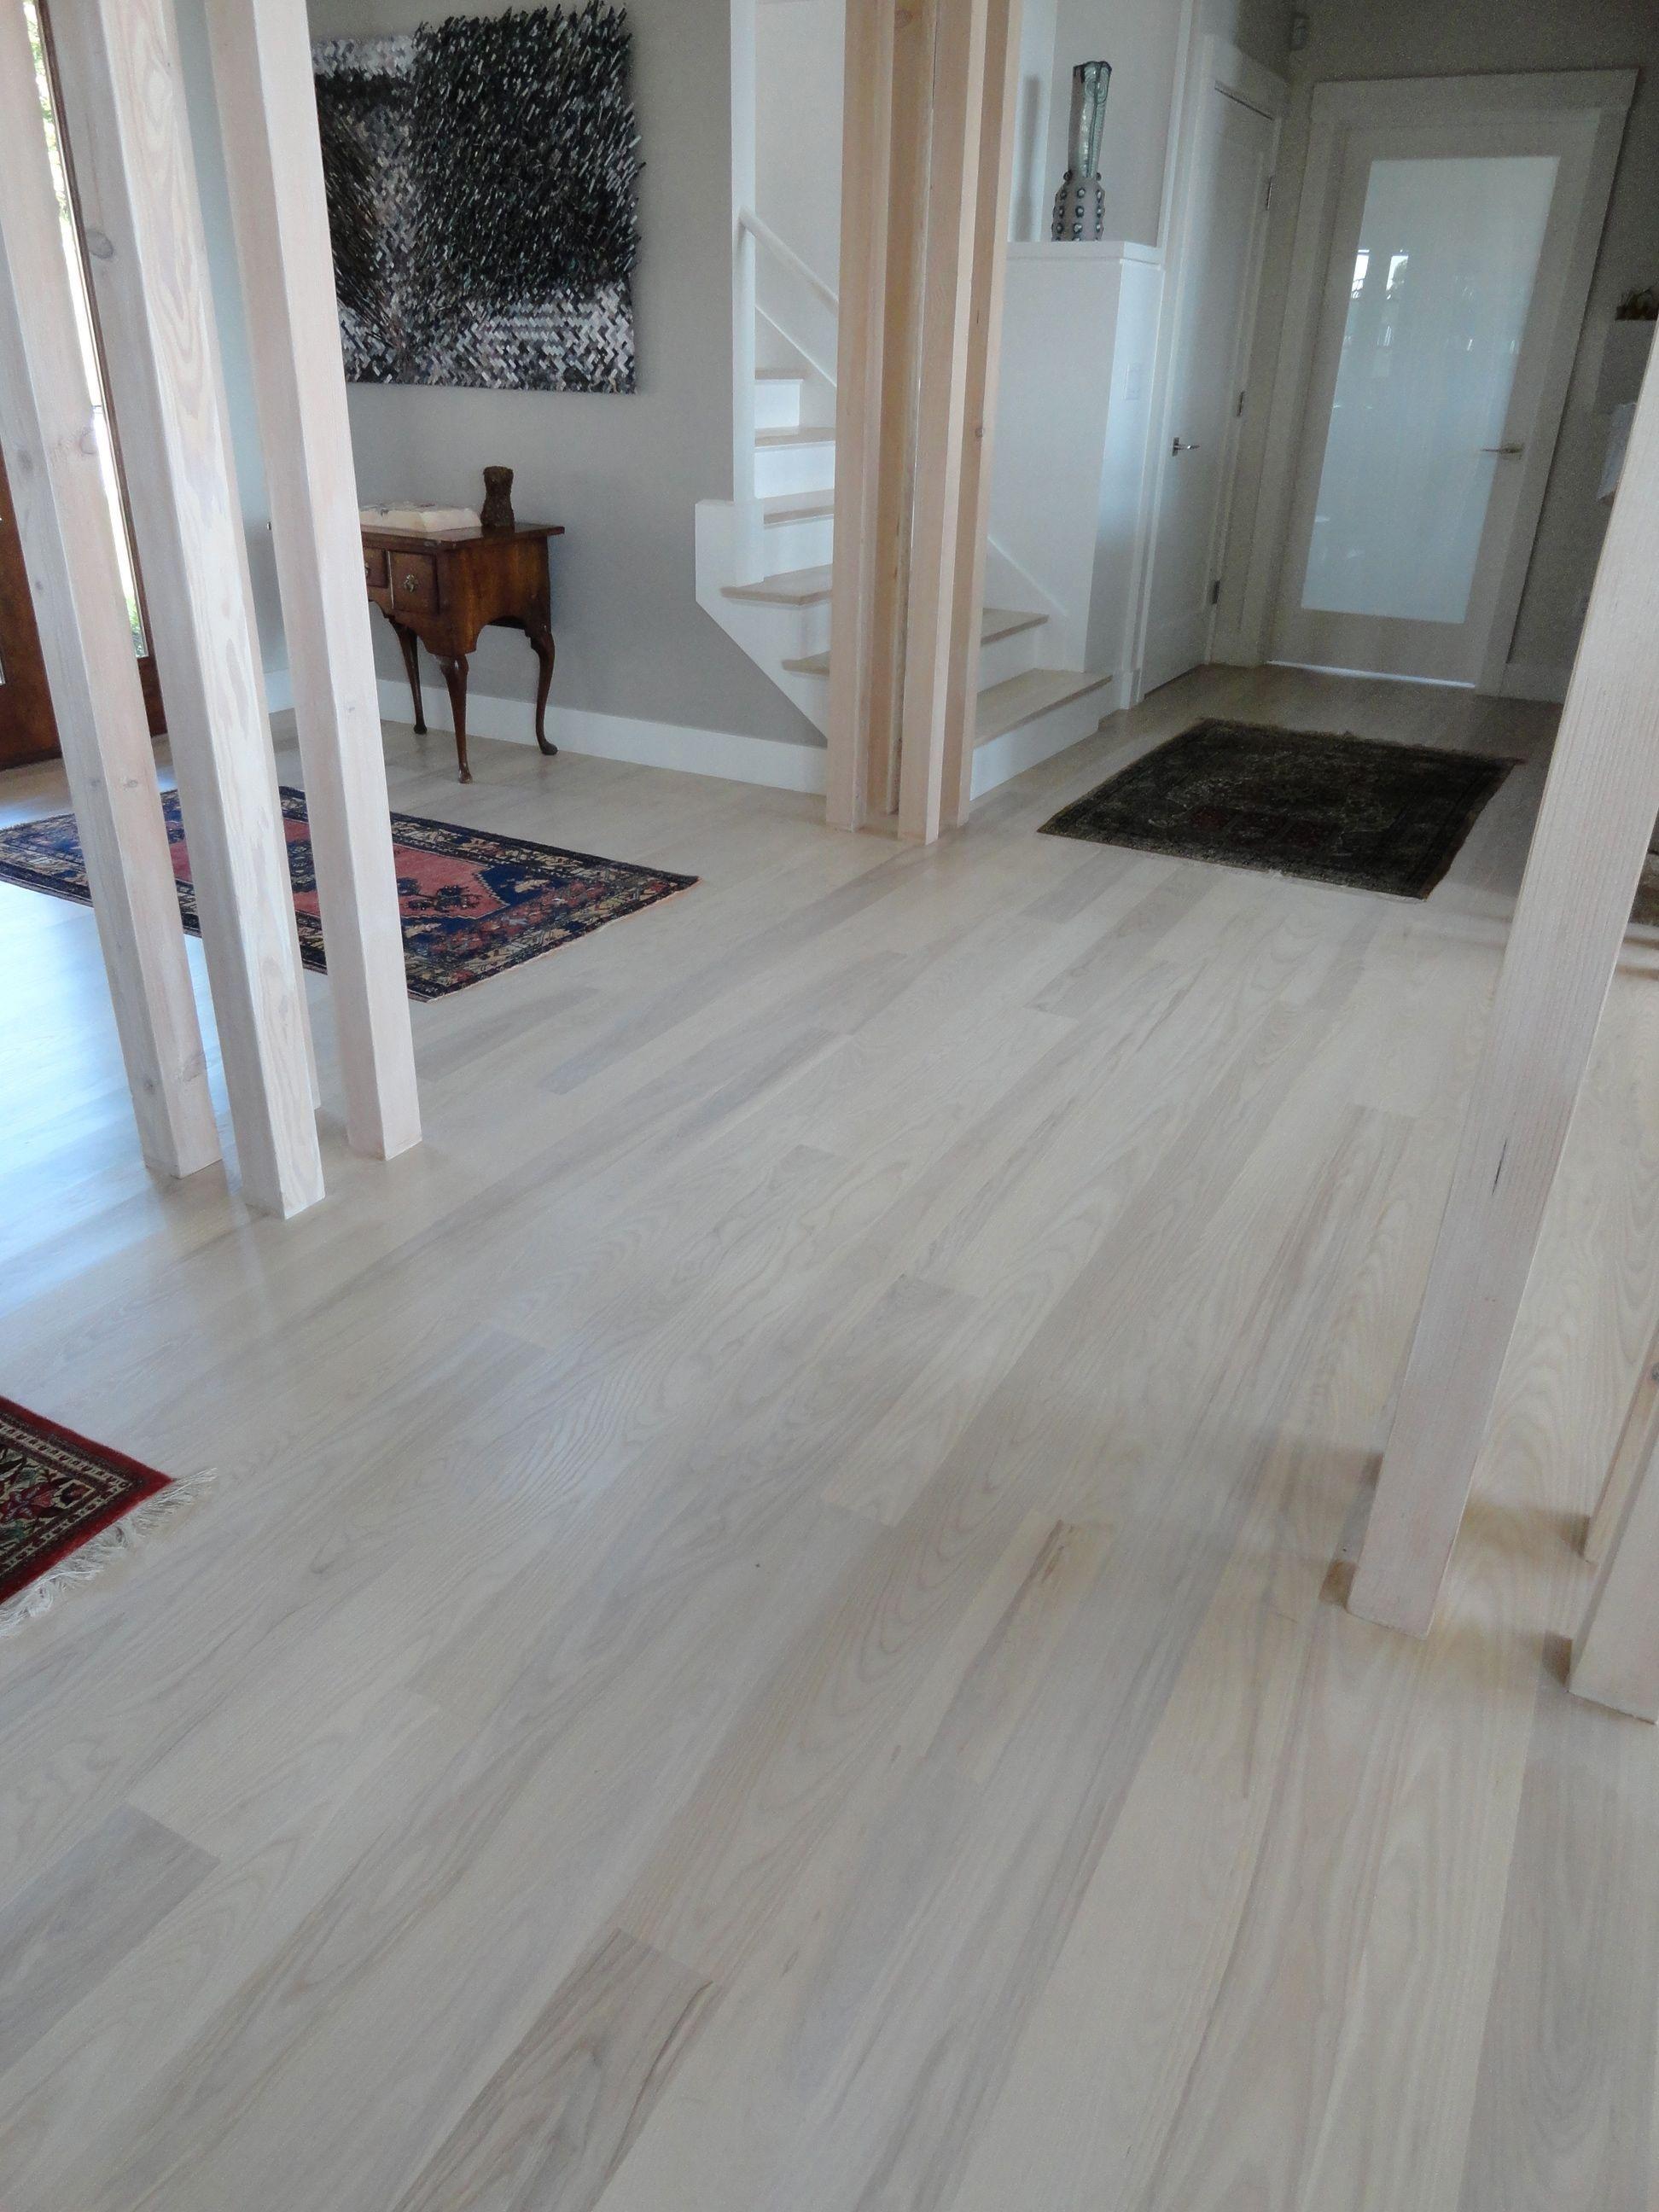 Whitewash Hardwood Floors Design Wood Floors Wide Plank Flooring Waterproof Laminate Flooring